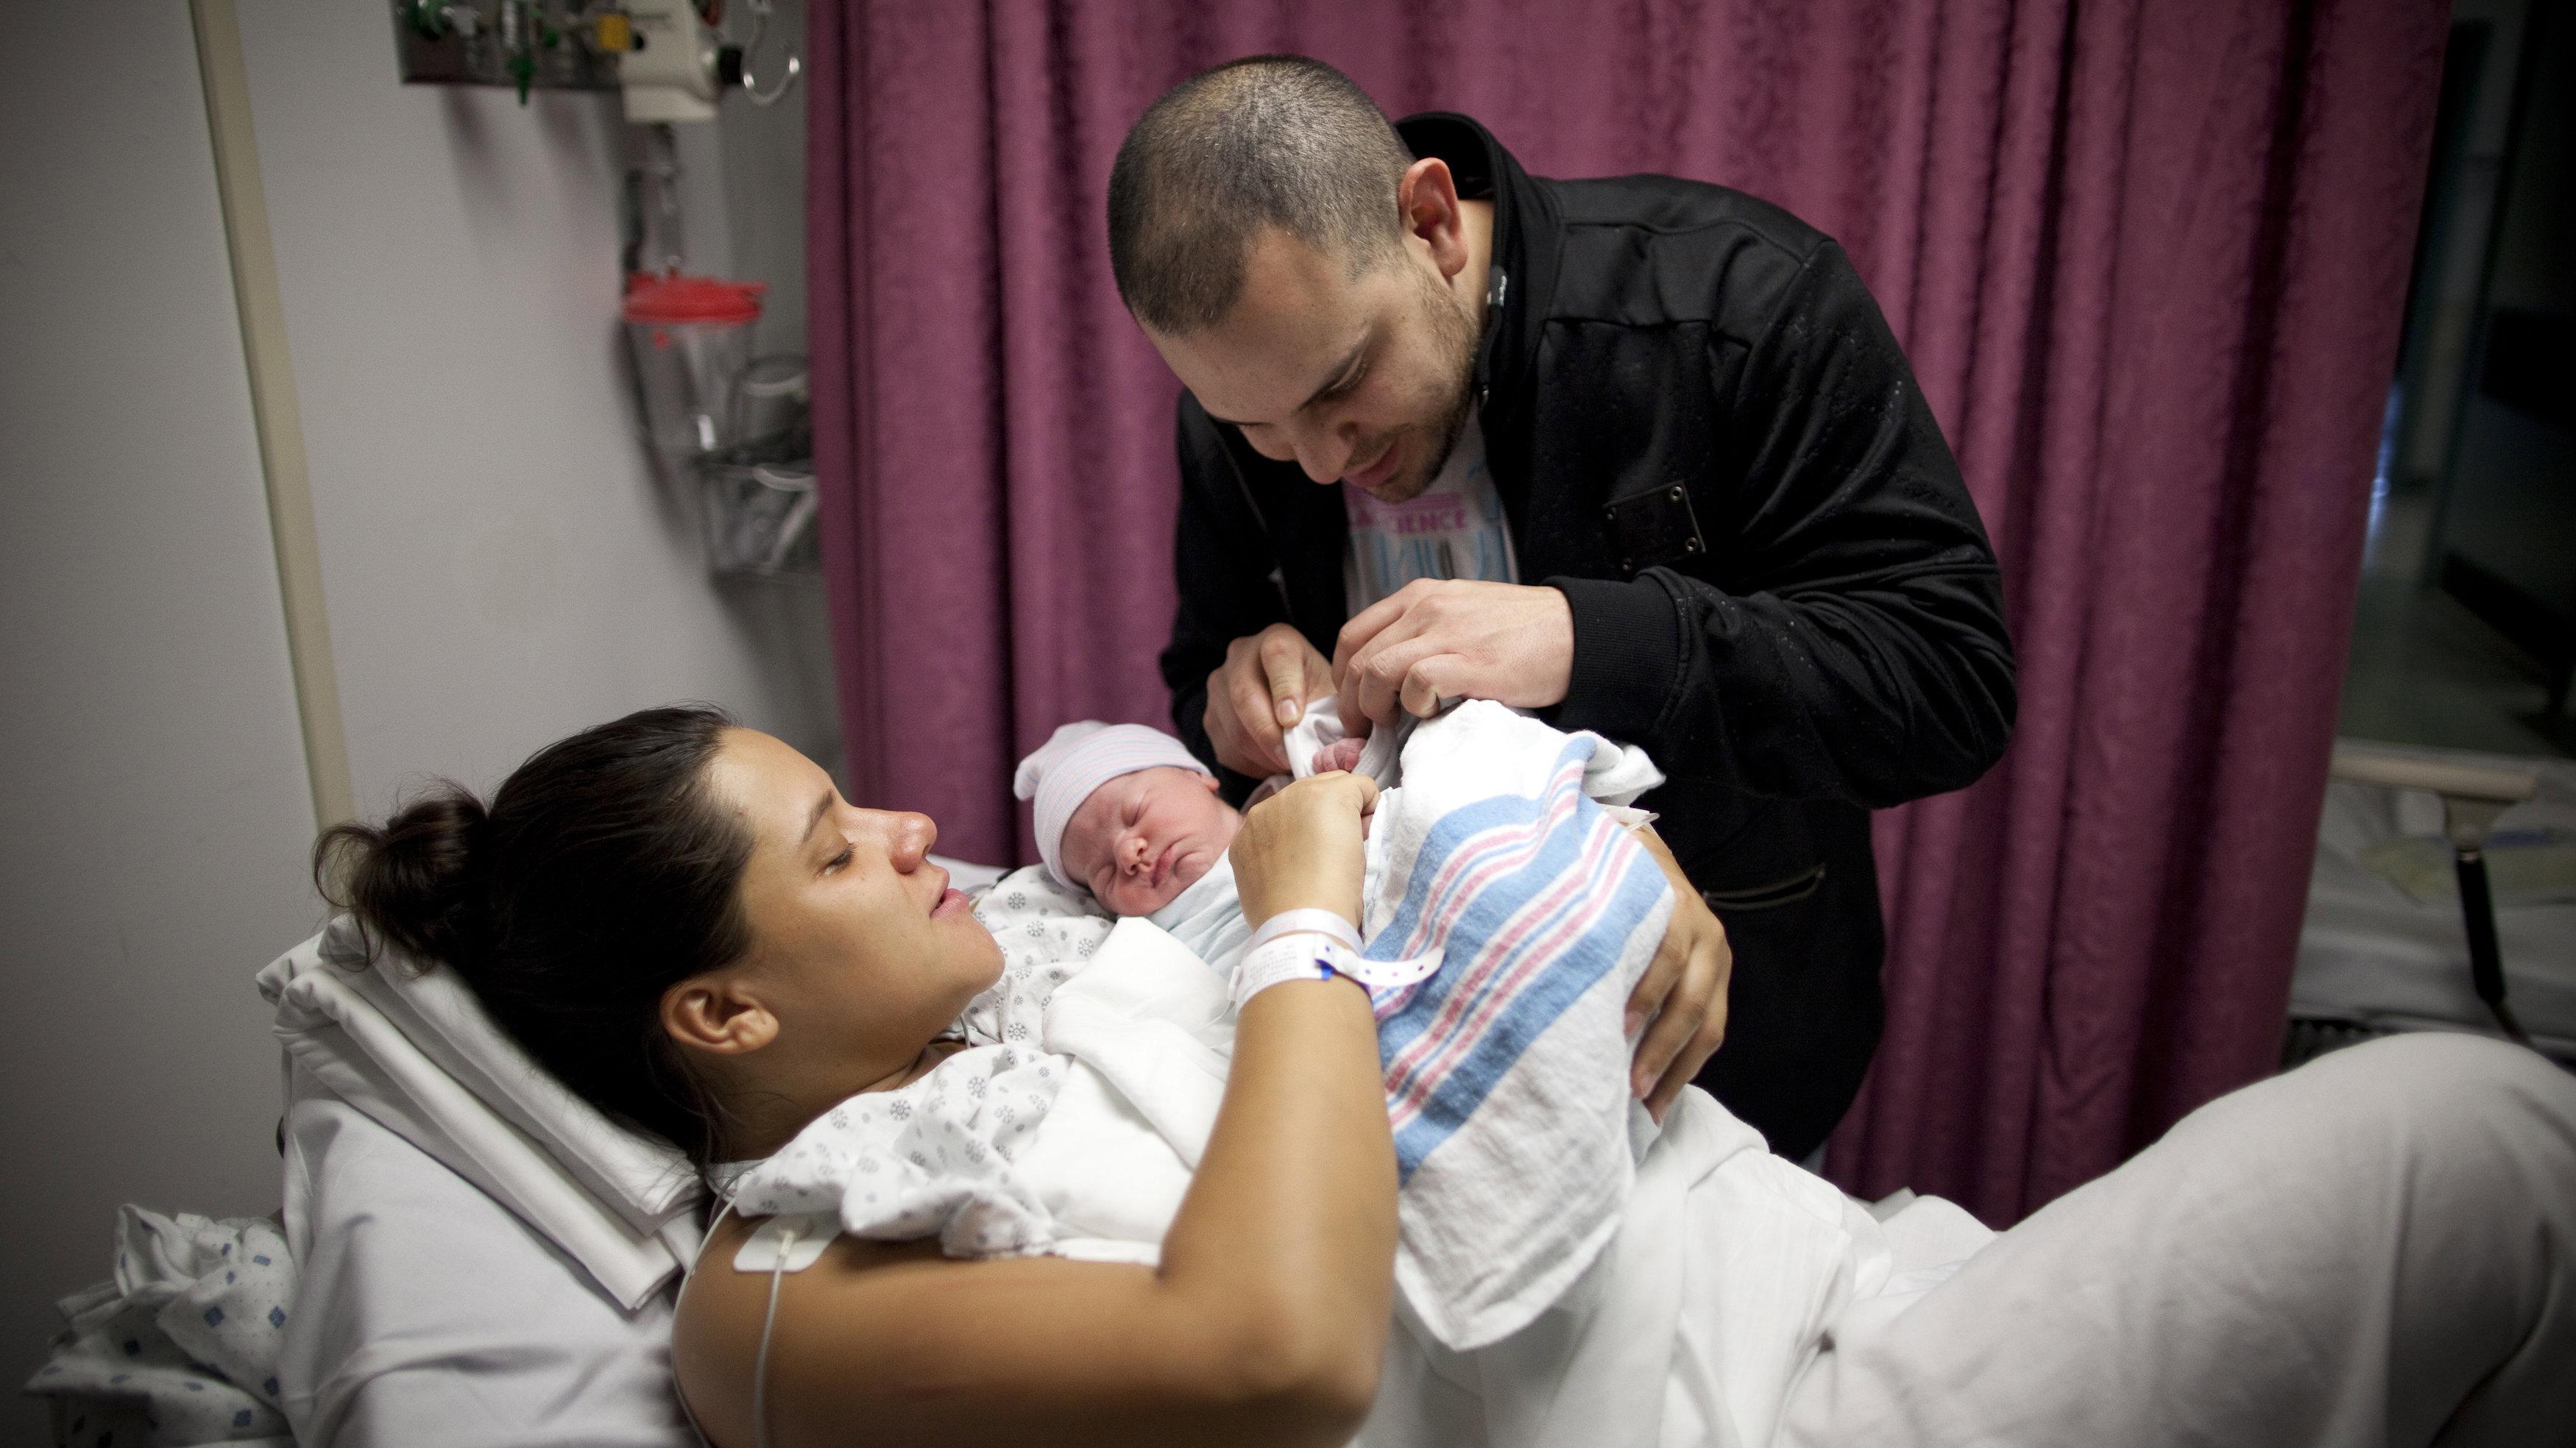 f511dcda6 Por qué todos los bebés en Facebook están envueltos en la misma ...